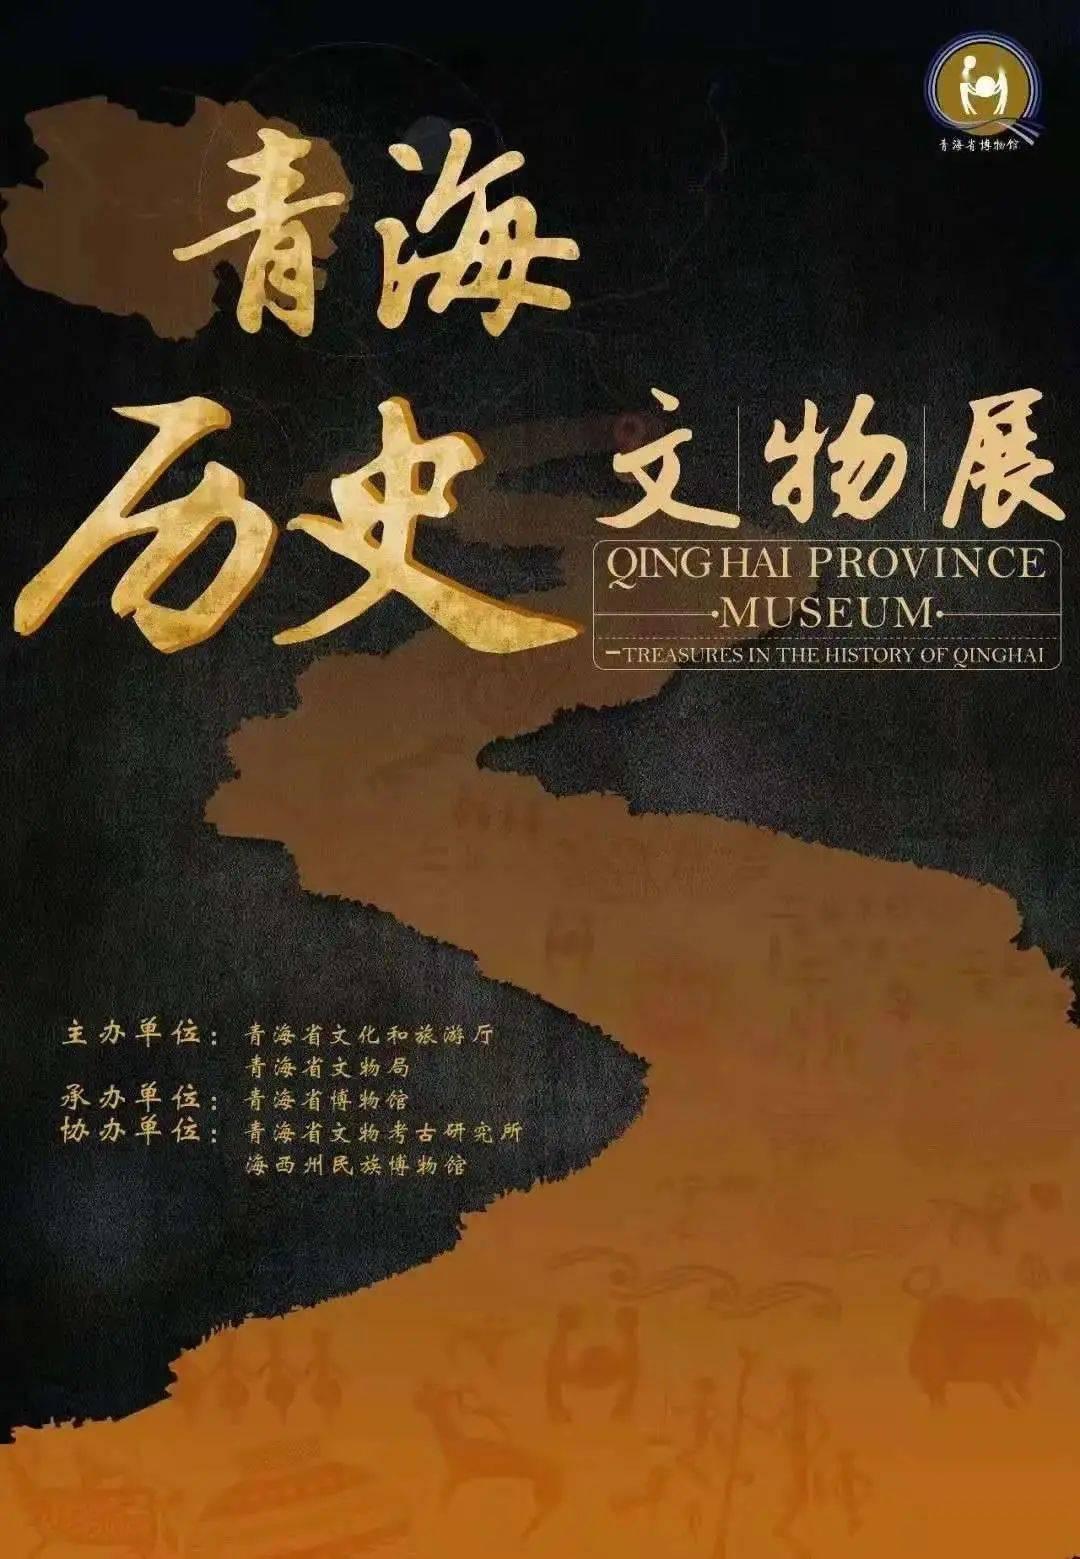 青博展览:原来4000年前的青海先民也这么爱美